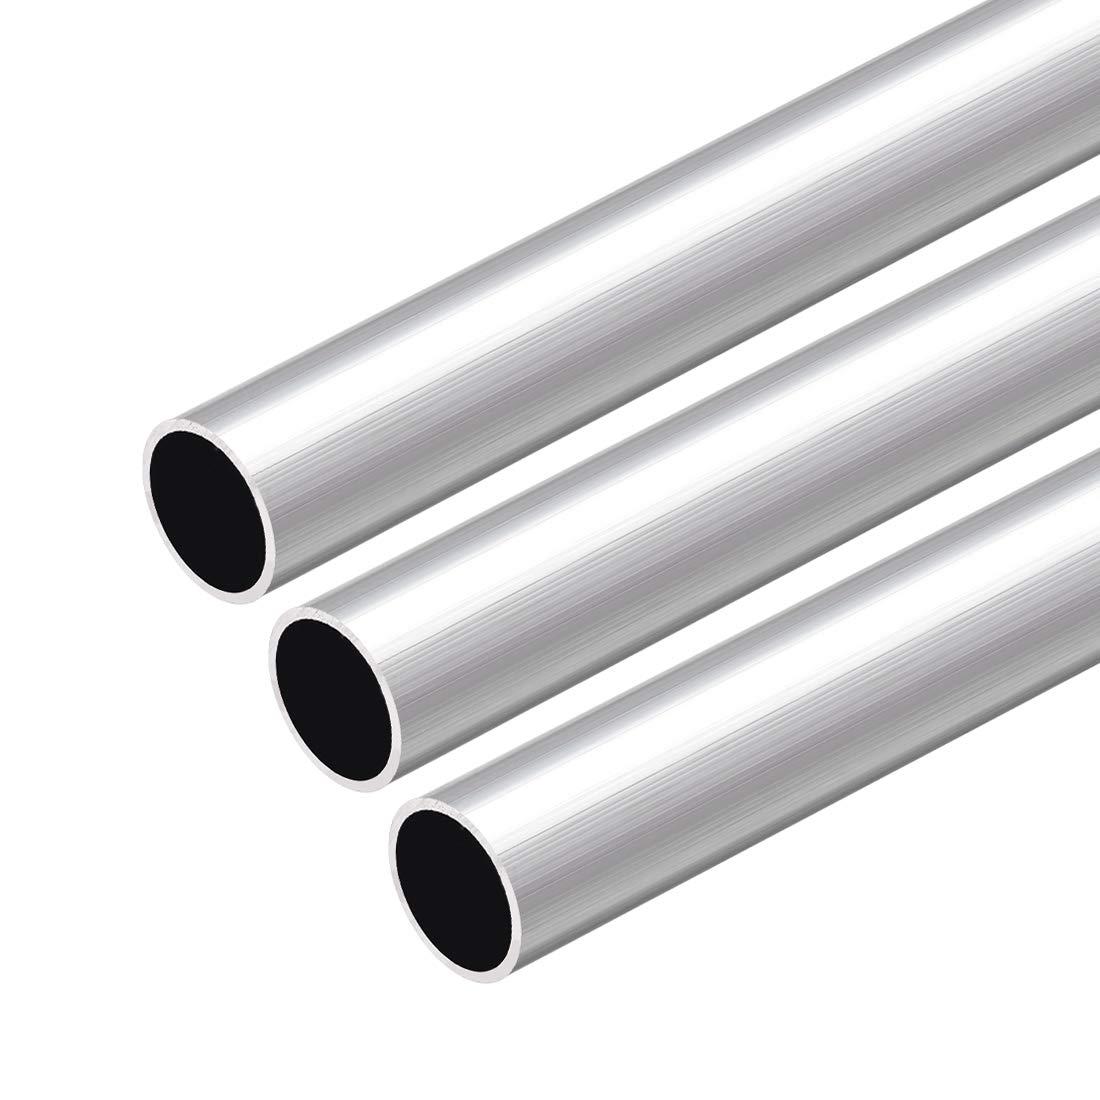 sourcing map 6063 Aluminium Rond Tube 300mm Longueur 18mm OD 5-15mm Diam/ètre Int/érieur Sans Couture Aluminium Droit Tuyauterie 15mm ID x 17mm OD 2Pcs